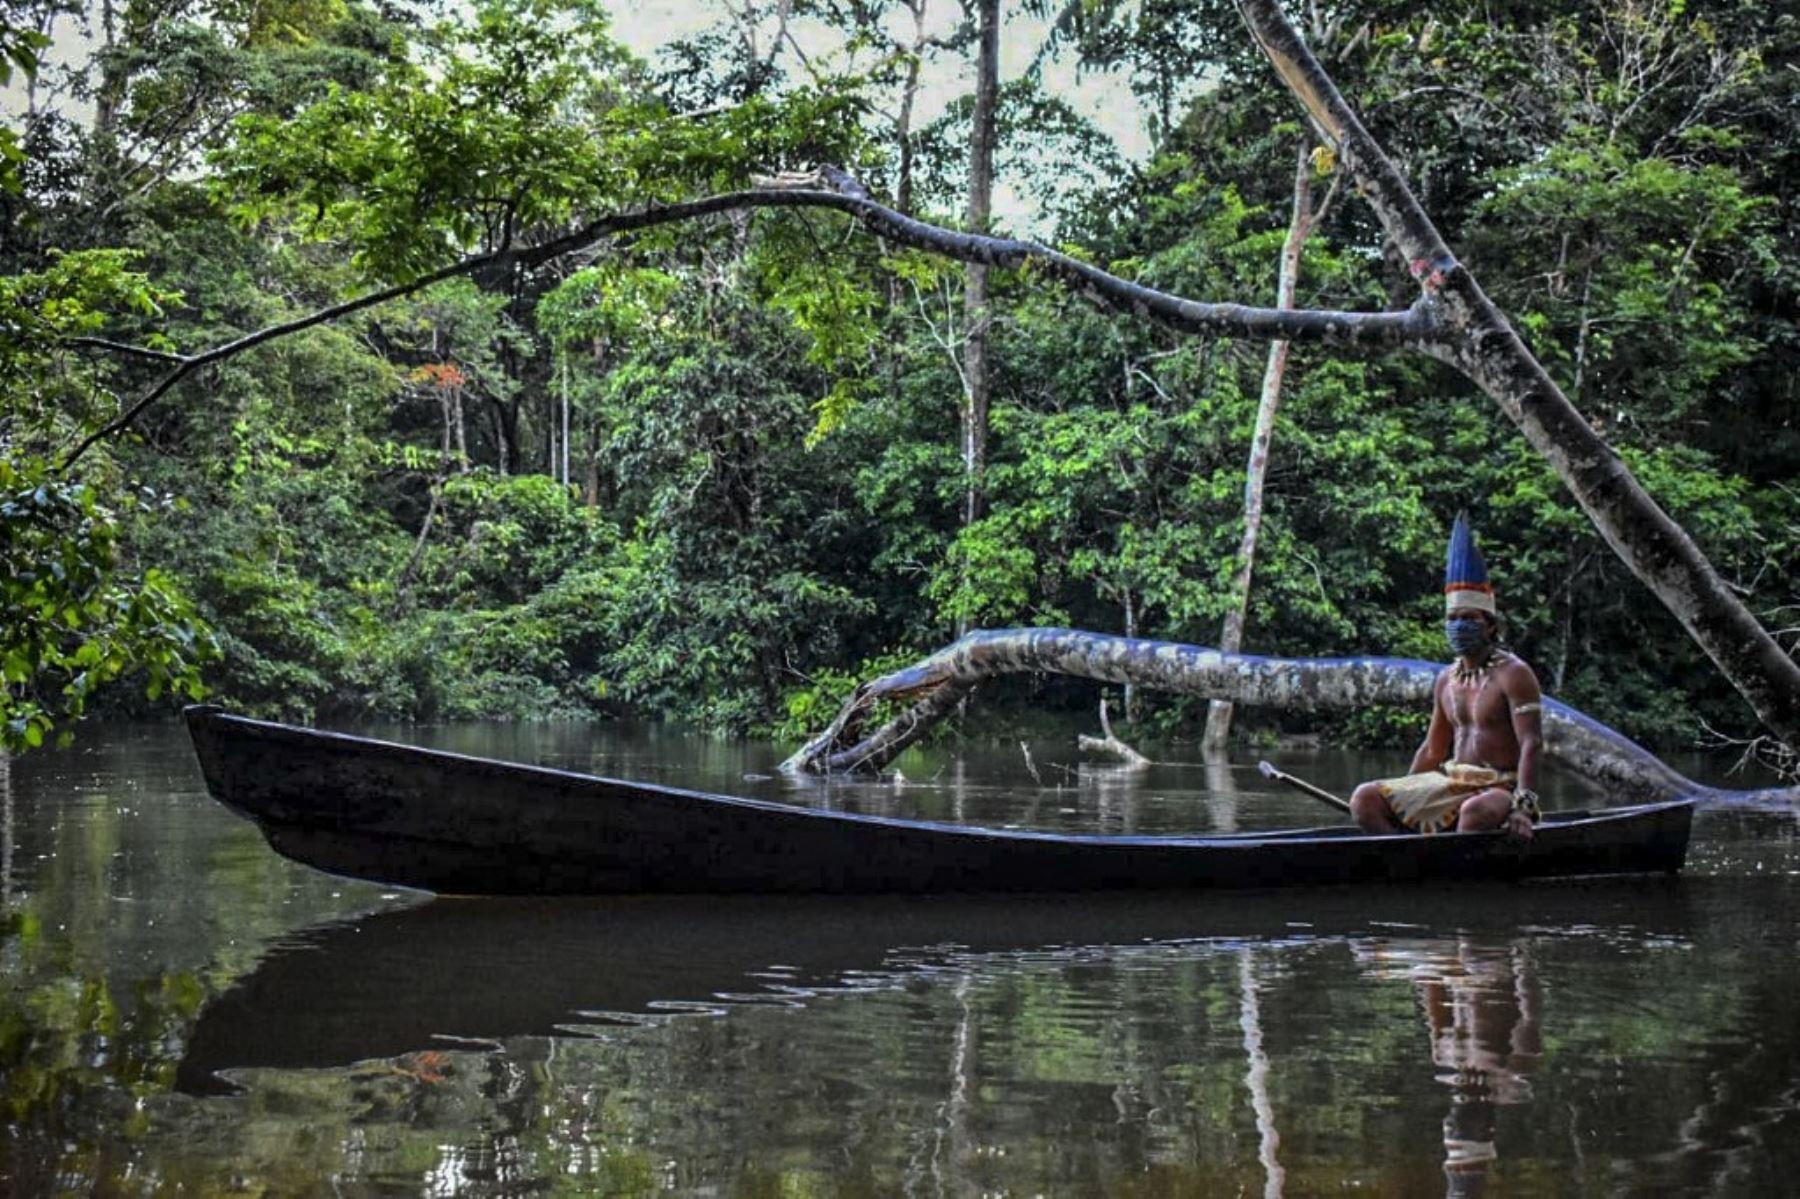 Un hombre indígena huitoto navega en una balsa a lo largo del río Takana en Leticia, departamento de Amazonas, Colombia. Foto: AFP